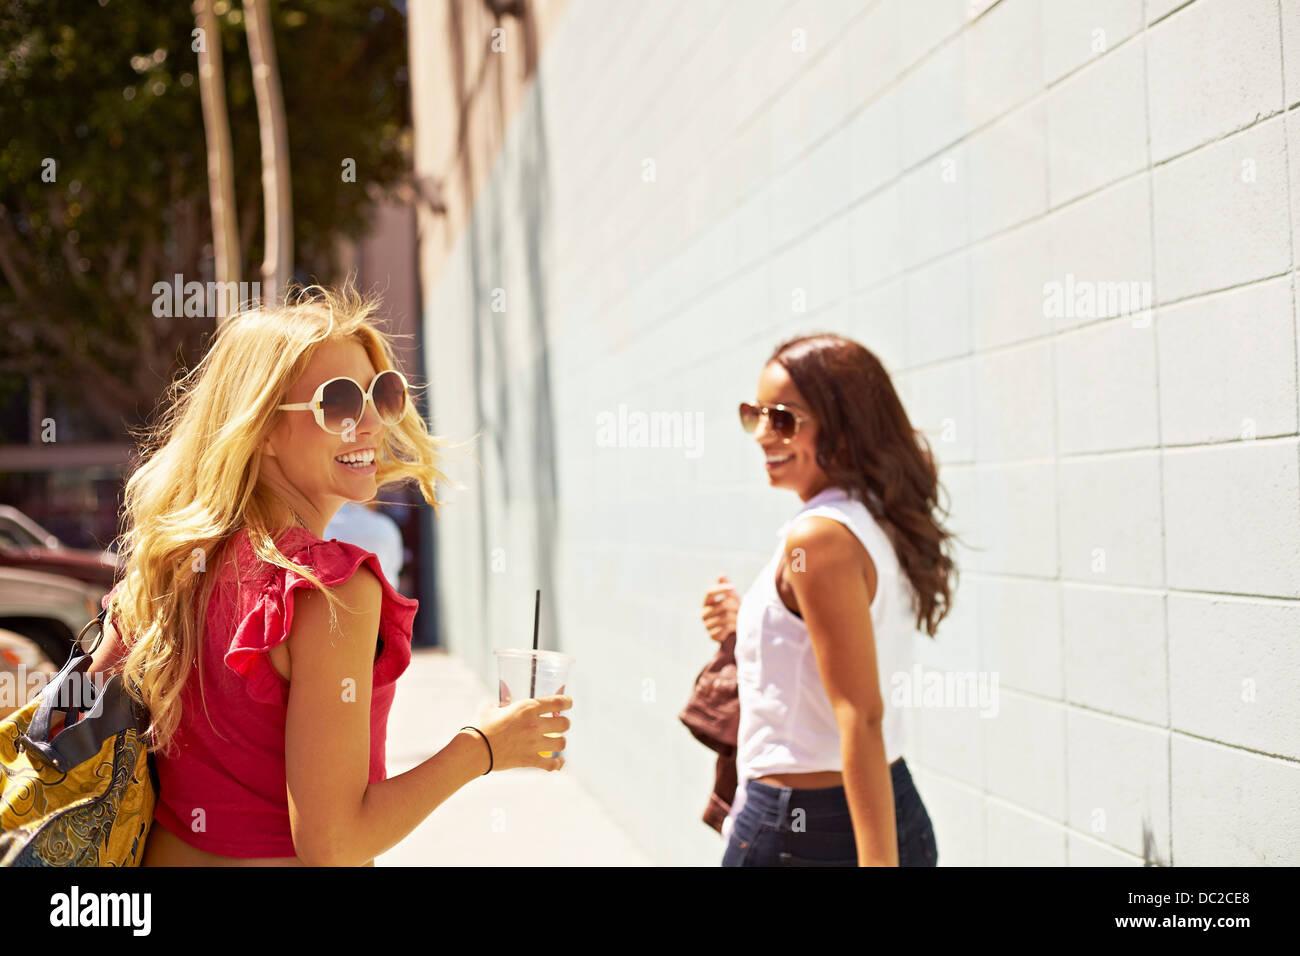 Women walking away - Stock Image